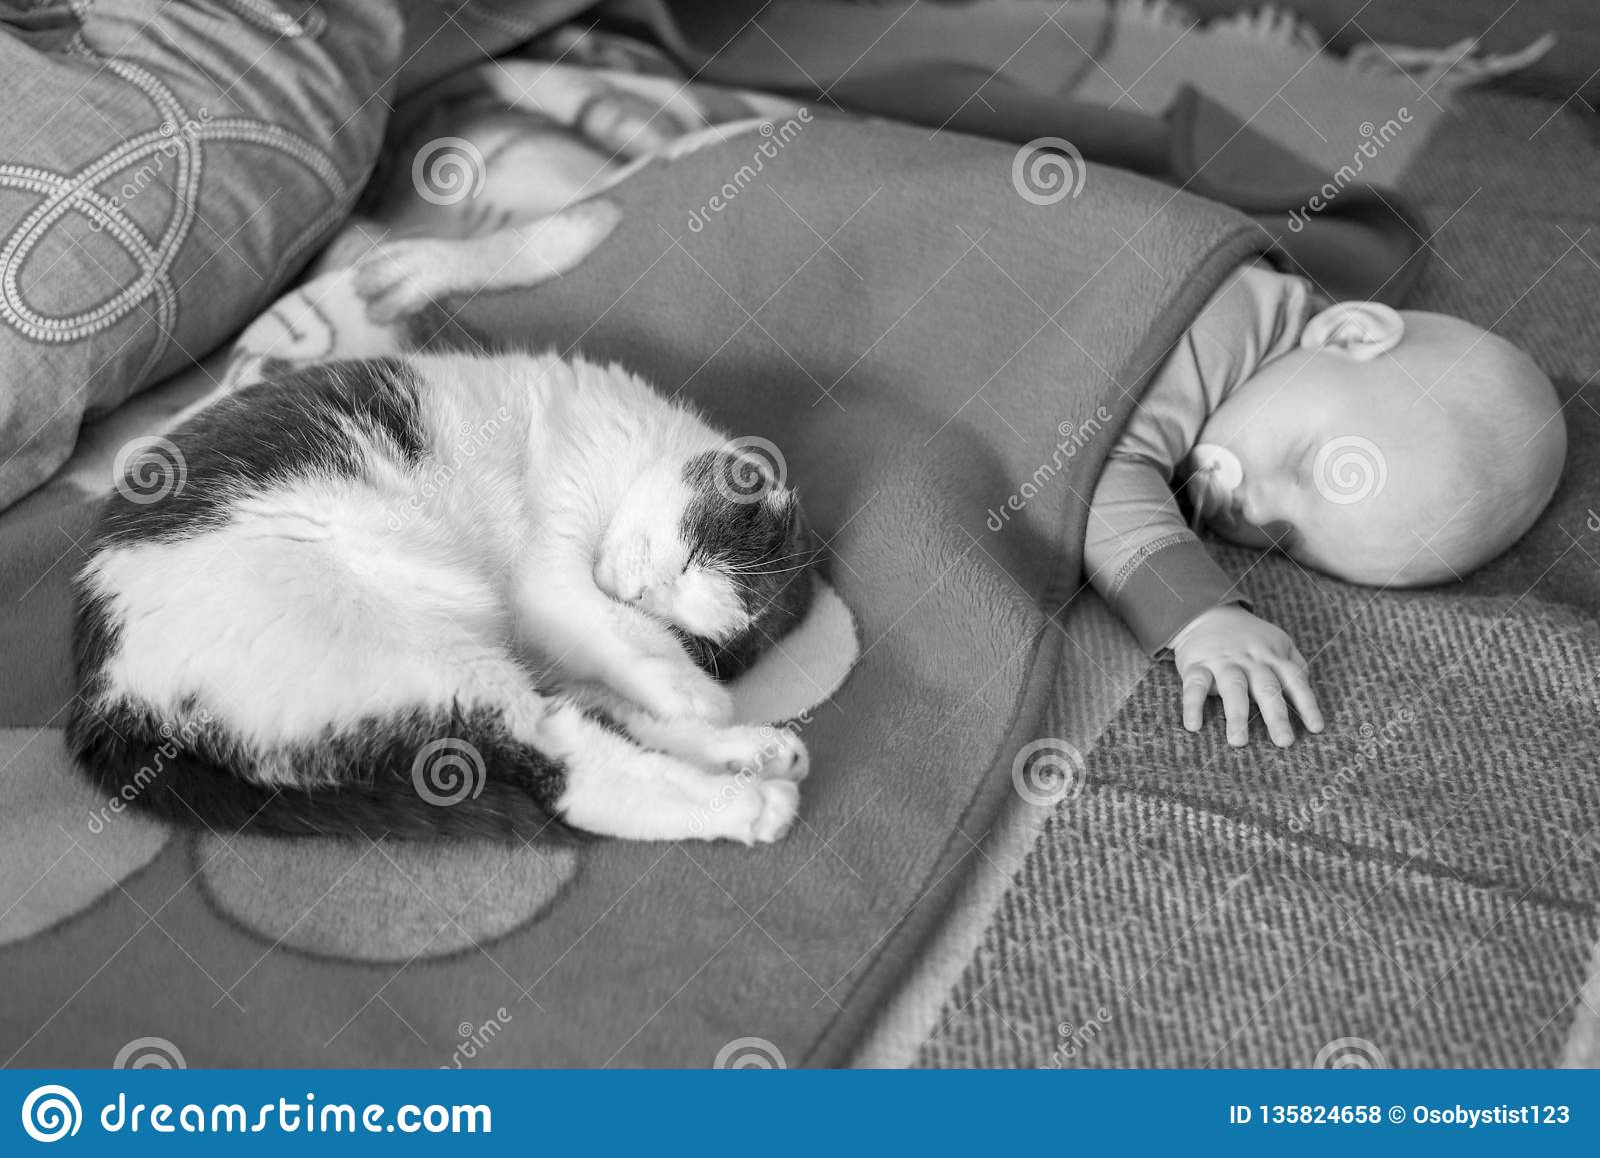 Baby- und Katzenschlaf zusammen im Bett, Schwarzweiss-Foto